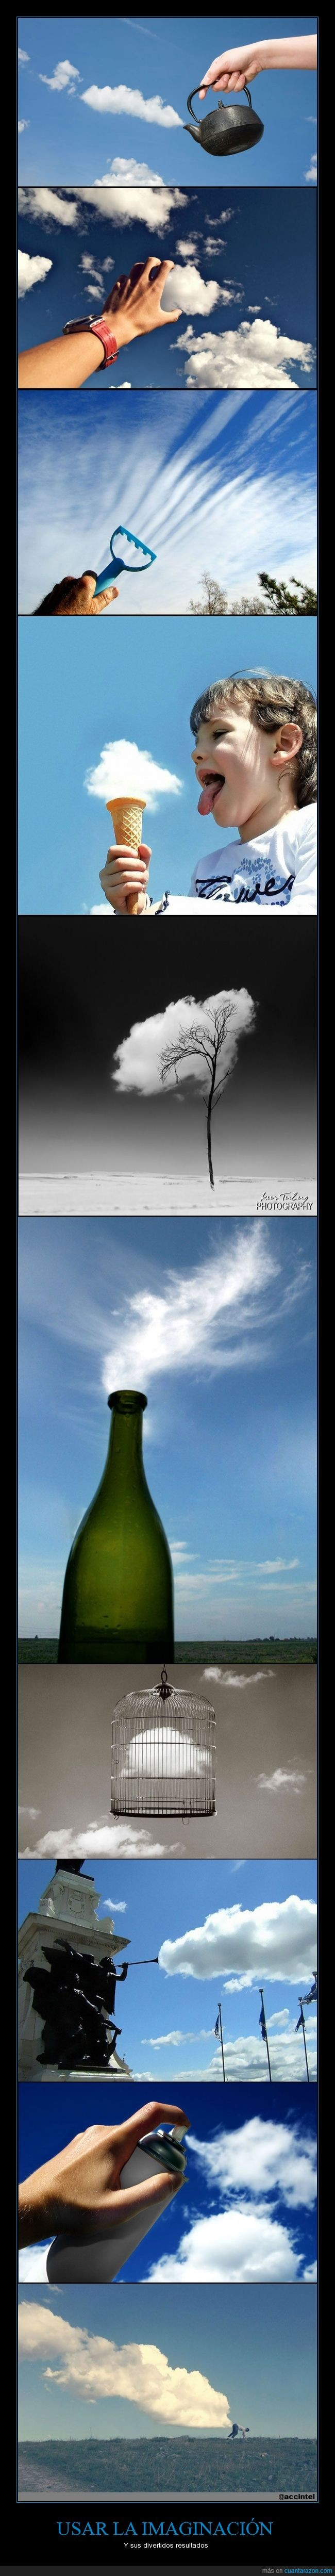 arbol,botella,caldera,CR Anterior,divertidos. resultados,helado,imaginación,jaula,nubes